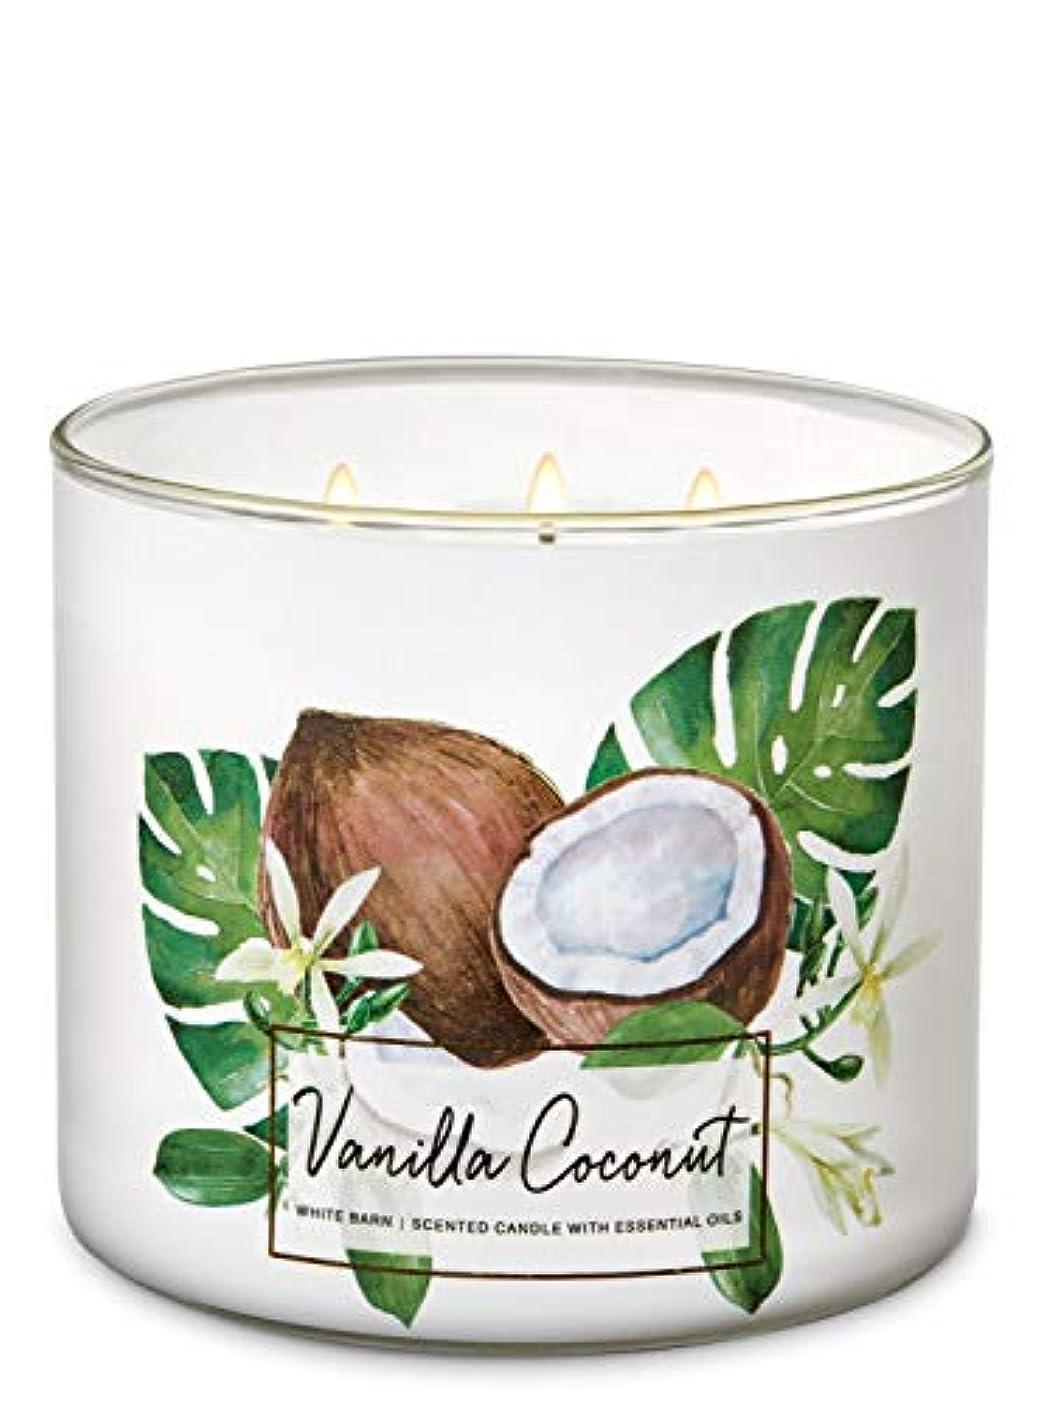 メッシュサリーフィールド【Bath&Body Works/バス&ボディワークス】 アロマキャンドル バニラココナッツ 3-Wick Scented Candle Vanilla Coconut 14.5oz/411g [並行輸入品]